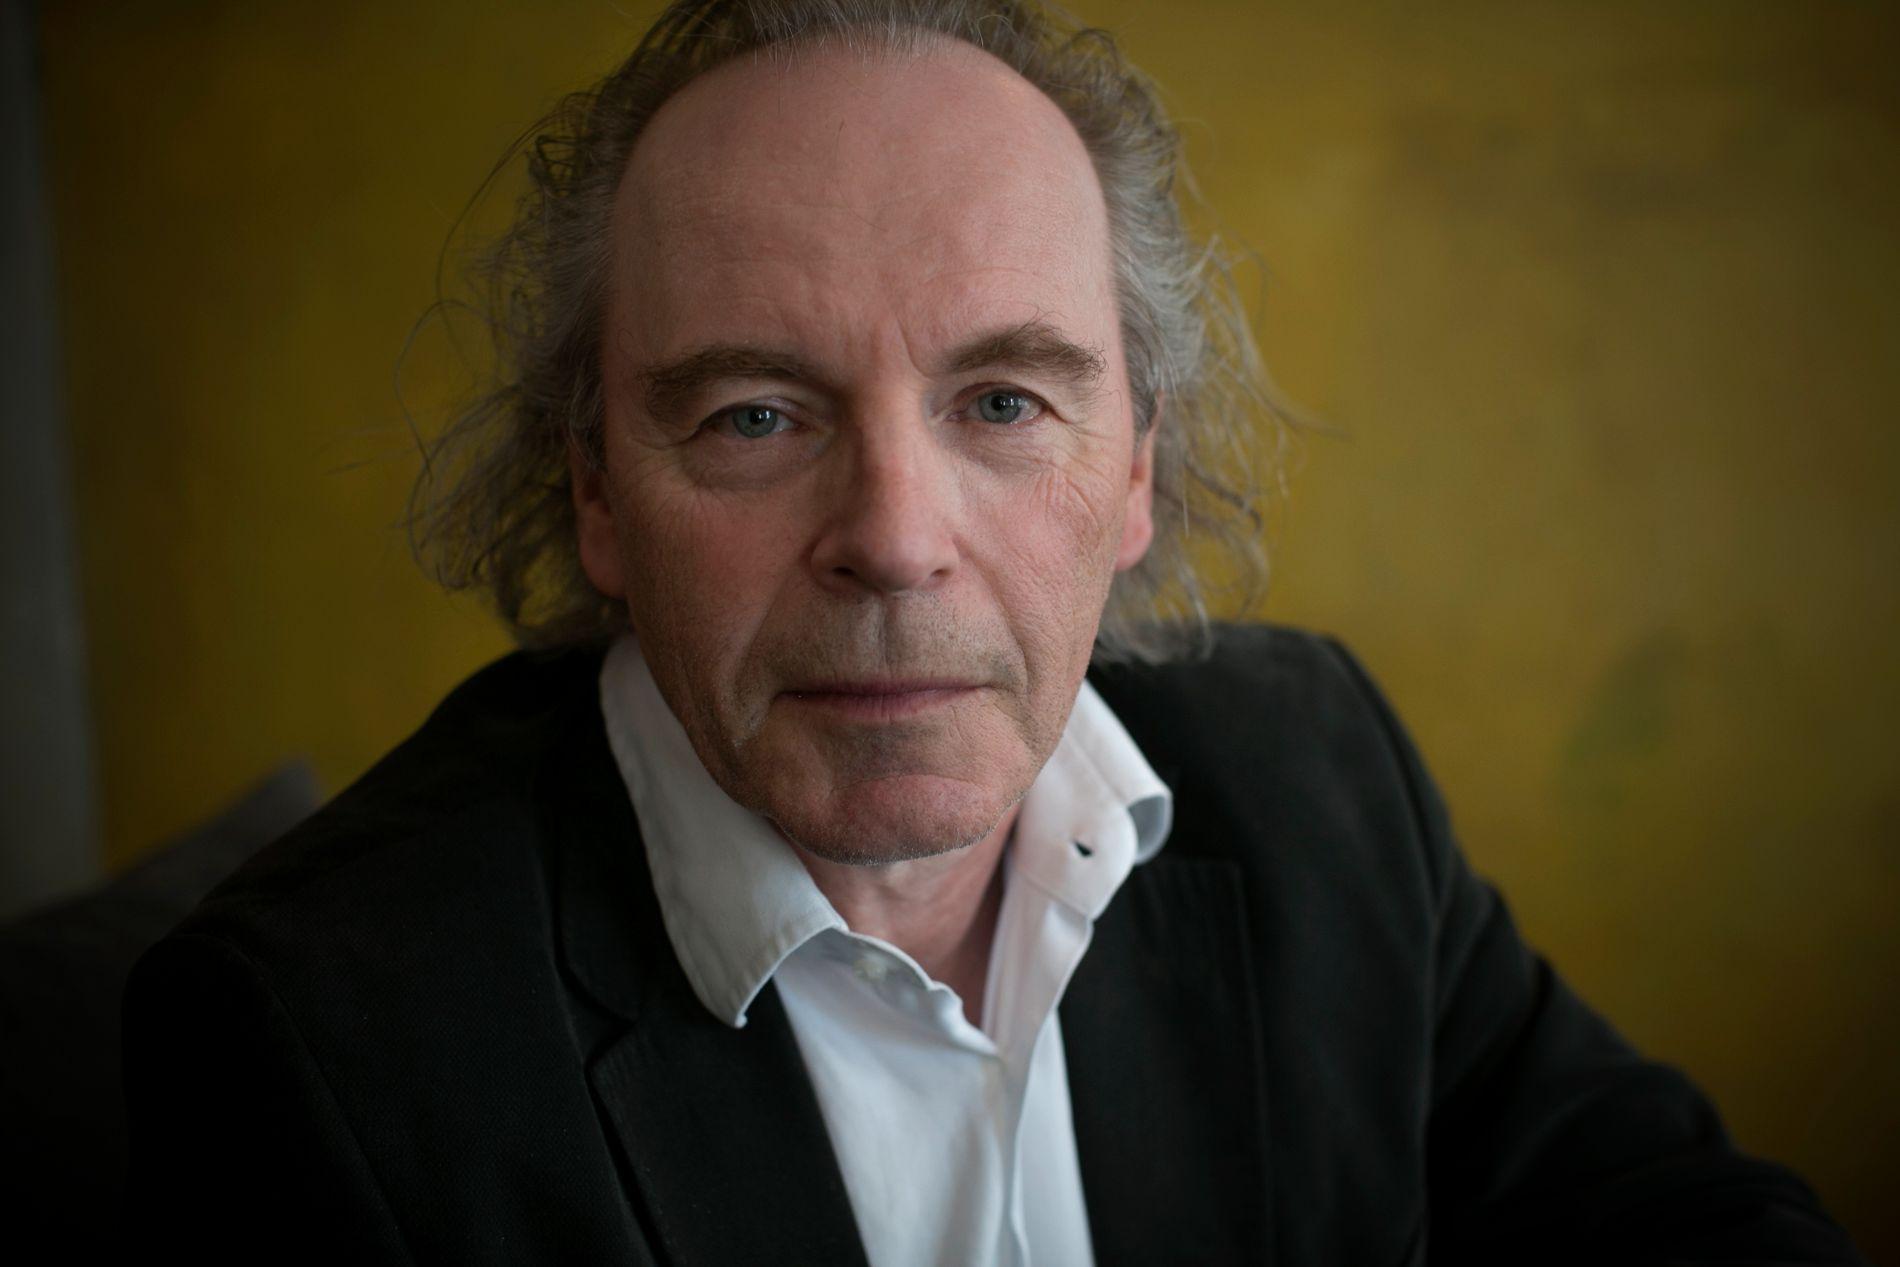 GODHETSREGIMET: – Terje Tvedt ivrer etter å bevise sin gamle tese om det naive, norske godhetsregimet, skriver kronikkforfatterne.